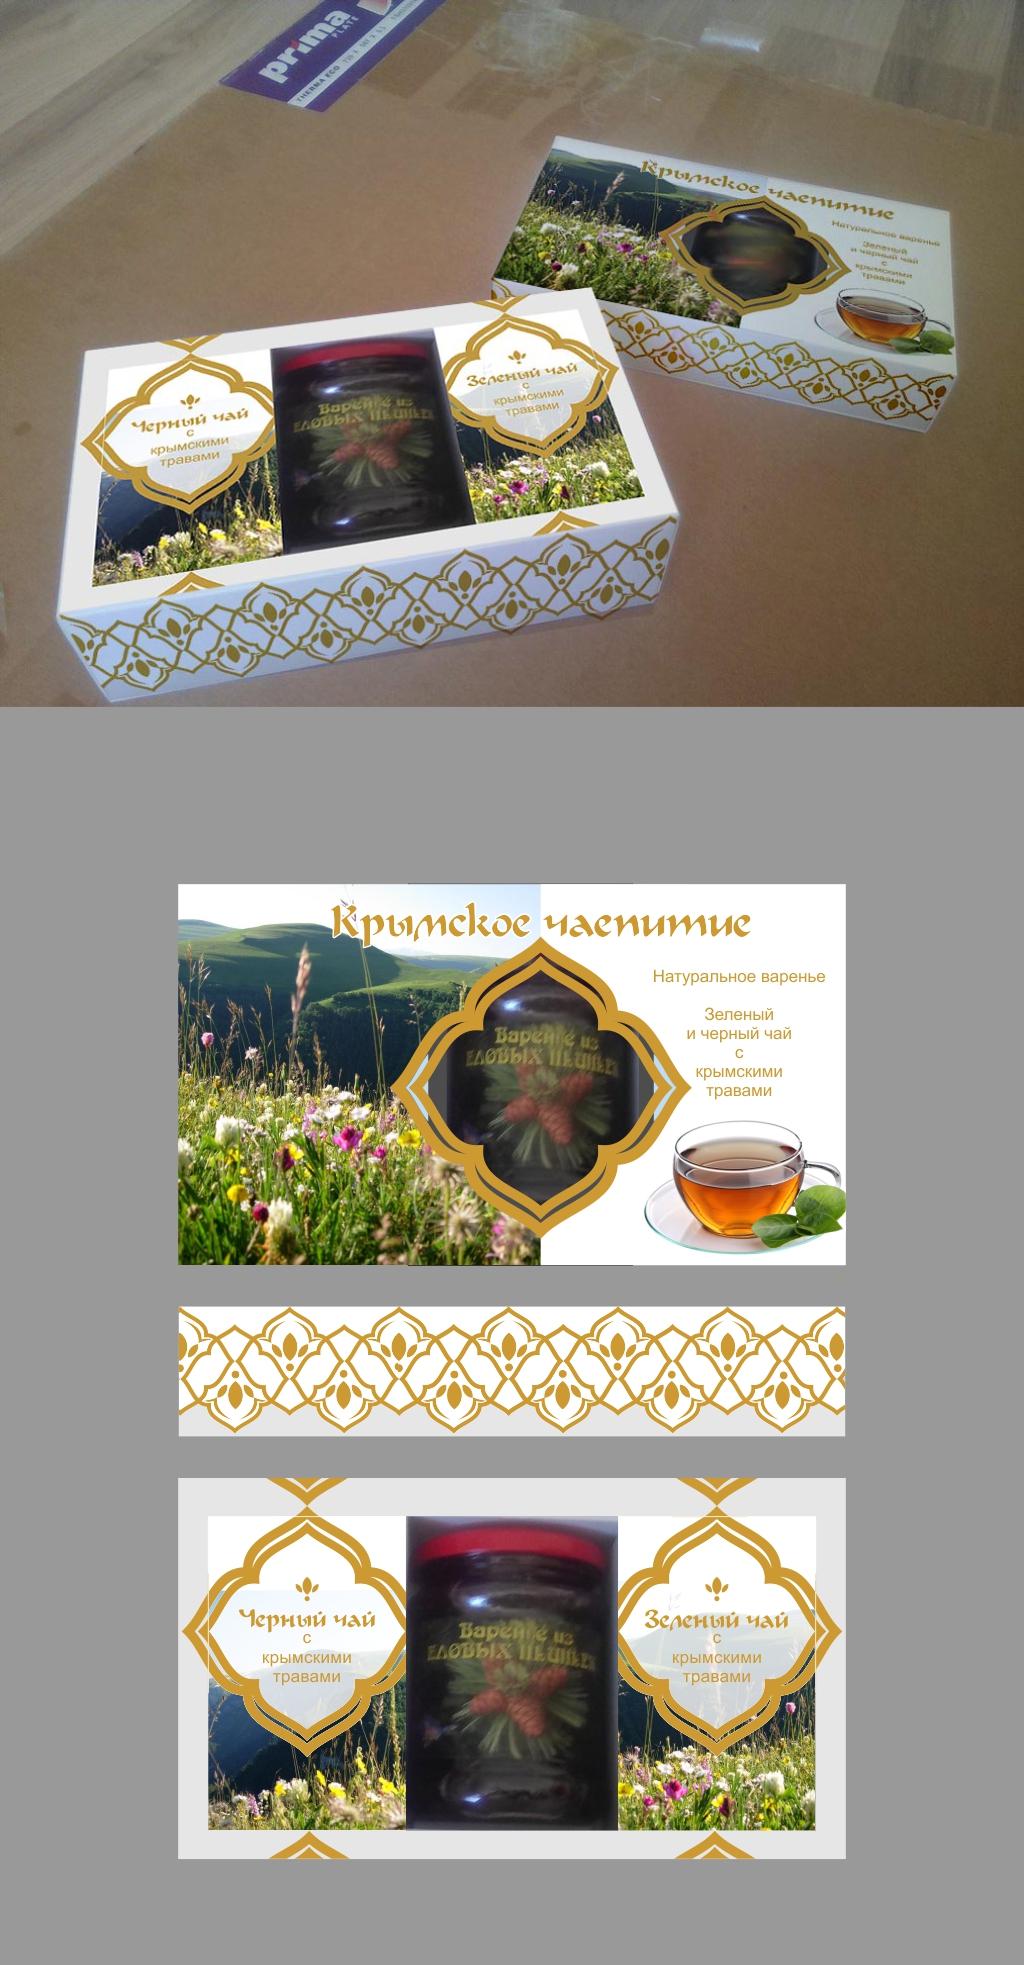 Дизайн подарочной-сувенирной коробки: с чаем и варением фото f_4735a579a17c312f.jpg